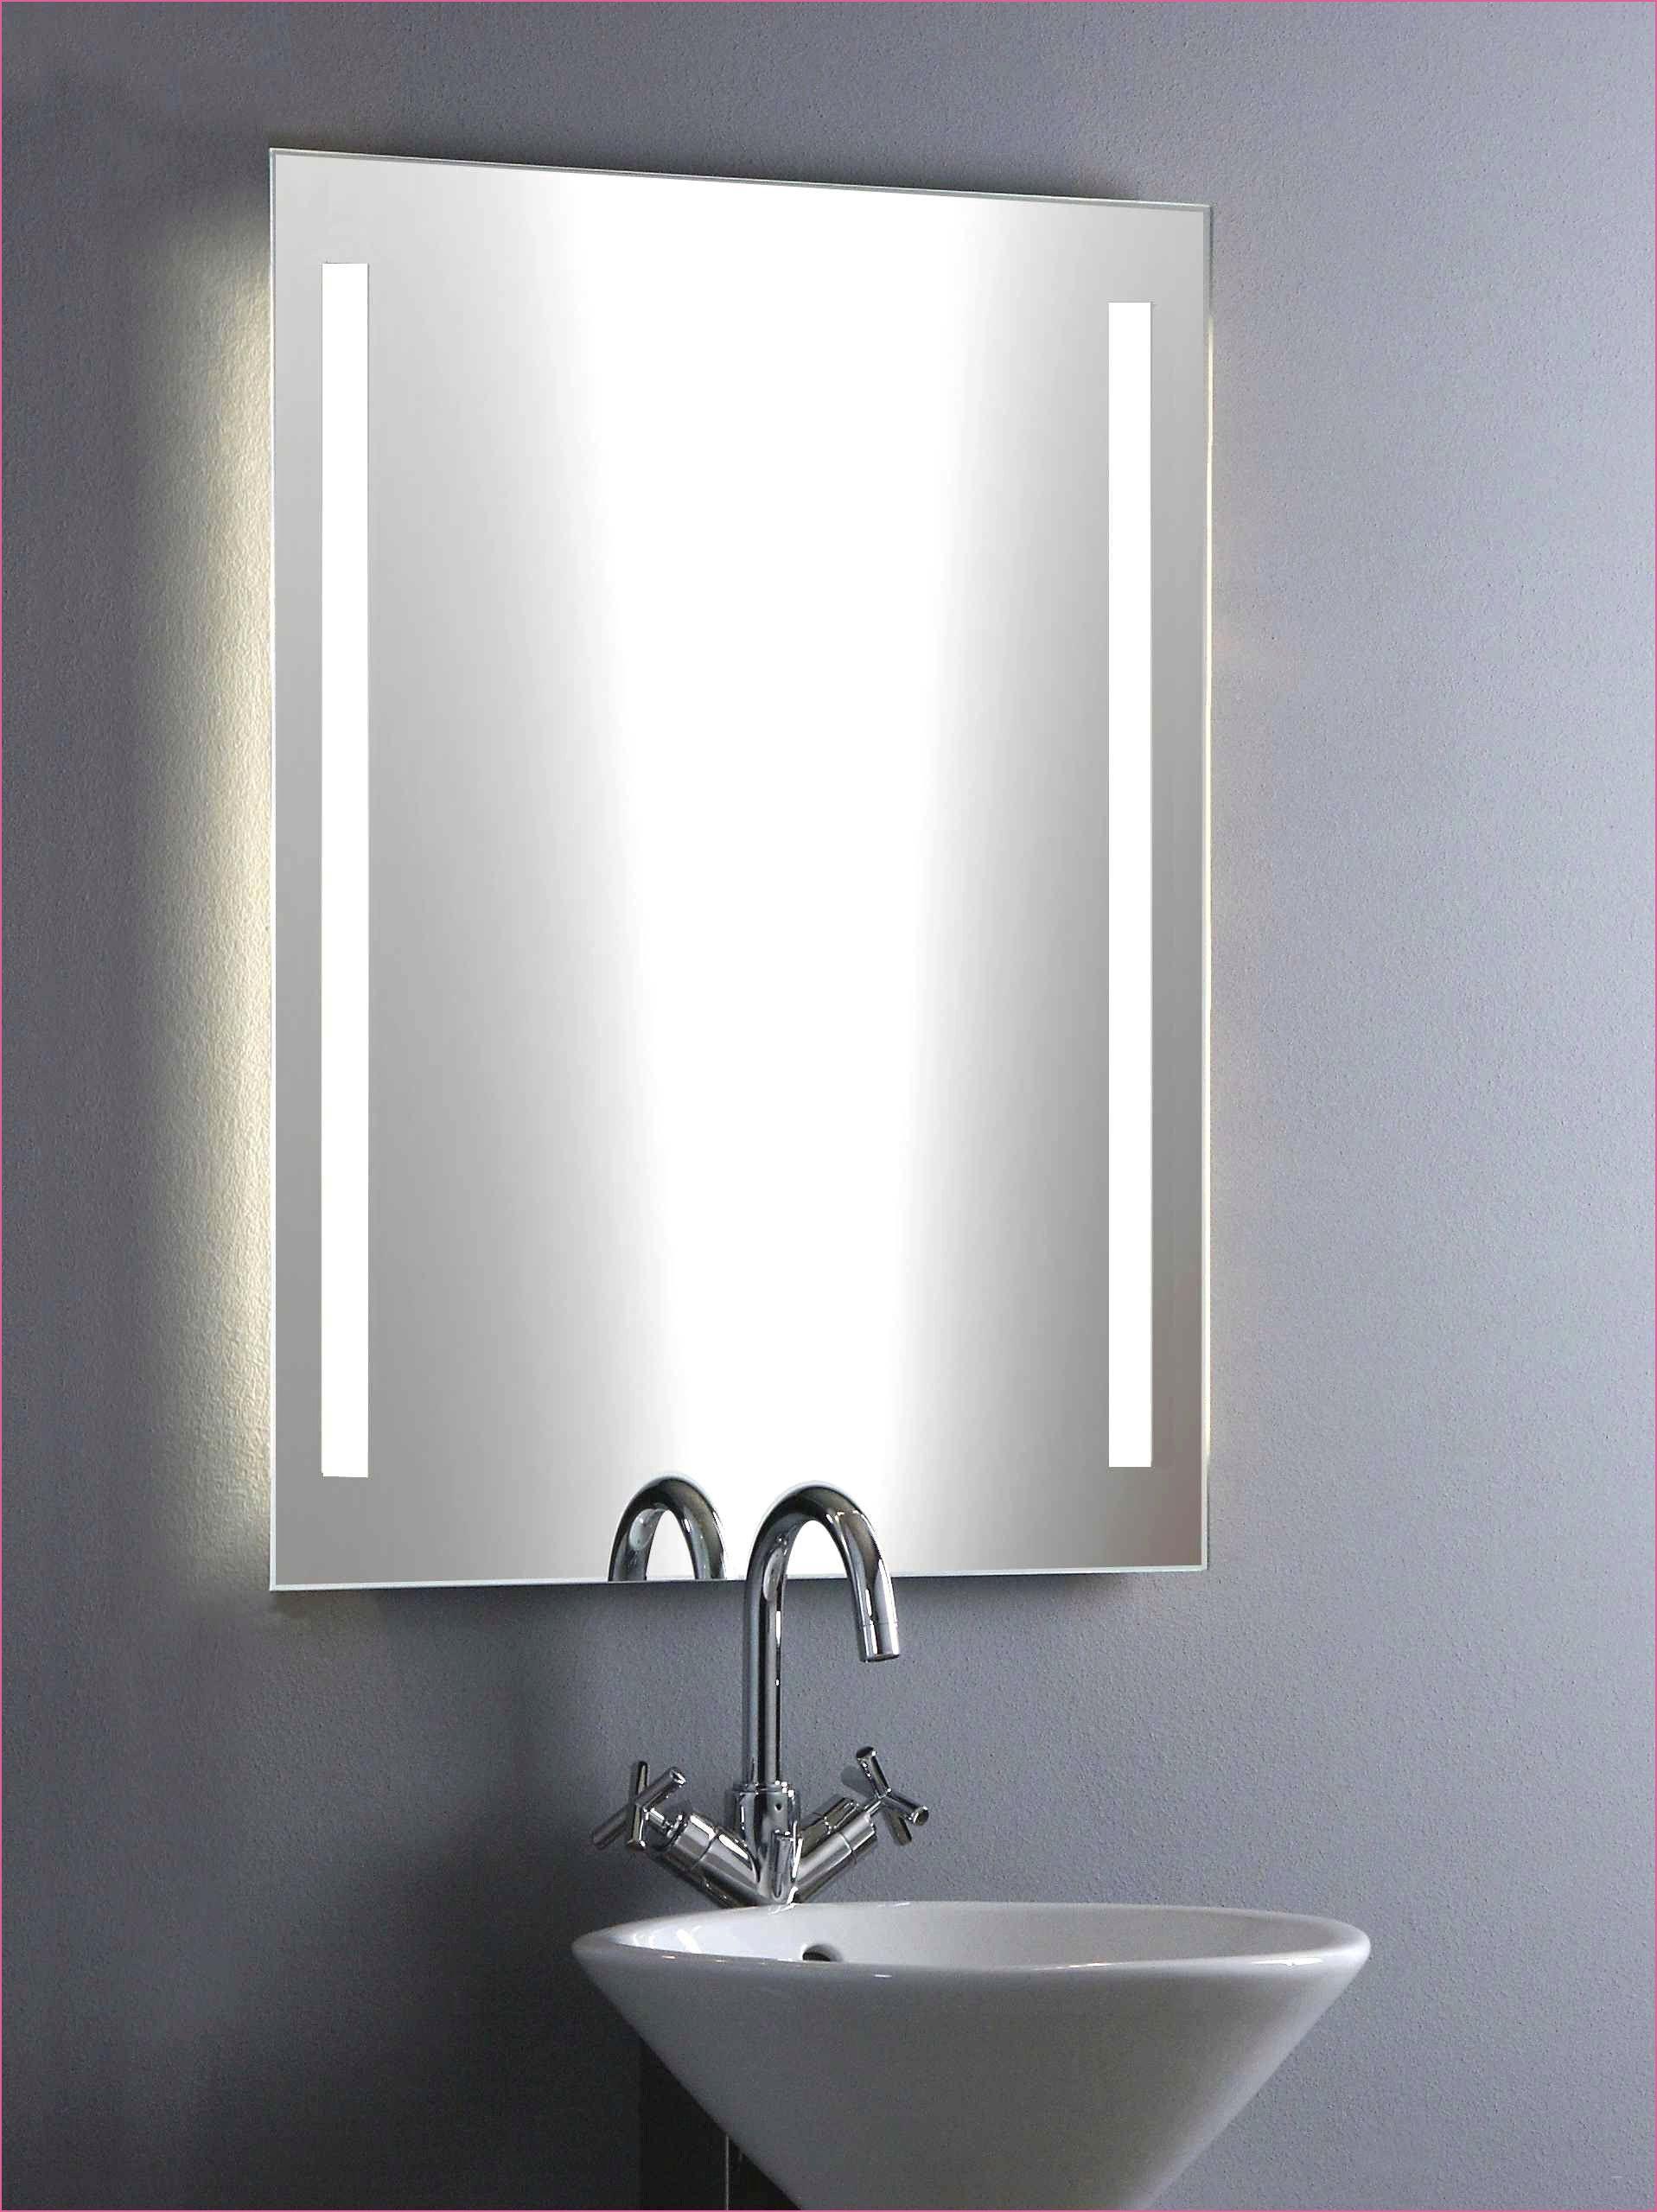 Deko Spiegel Rund In 2020 Badezimmerbeleuchtung Beleuchtung Bad Spiegel Beleuchtung